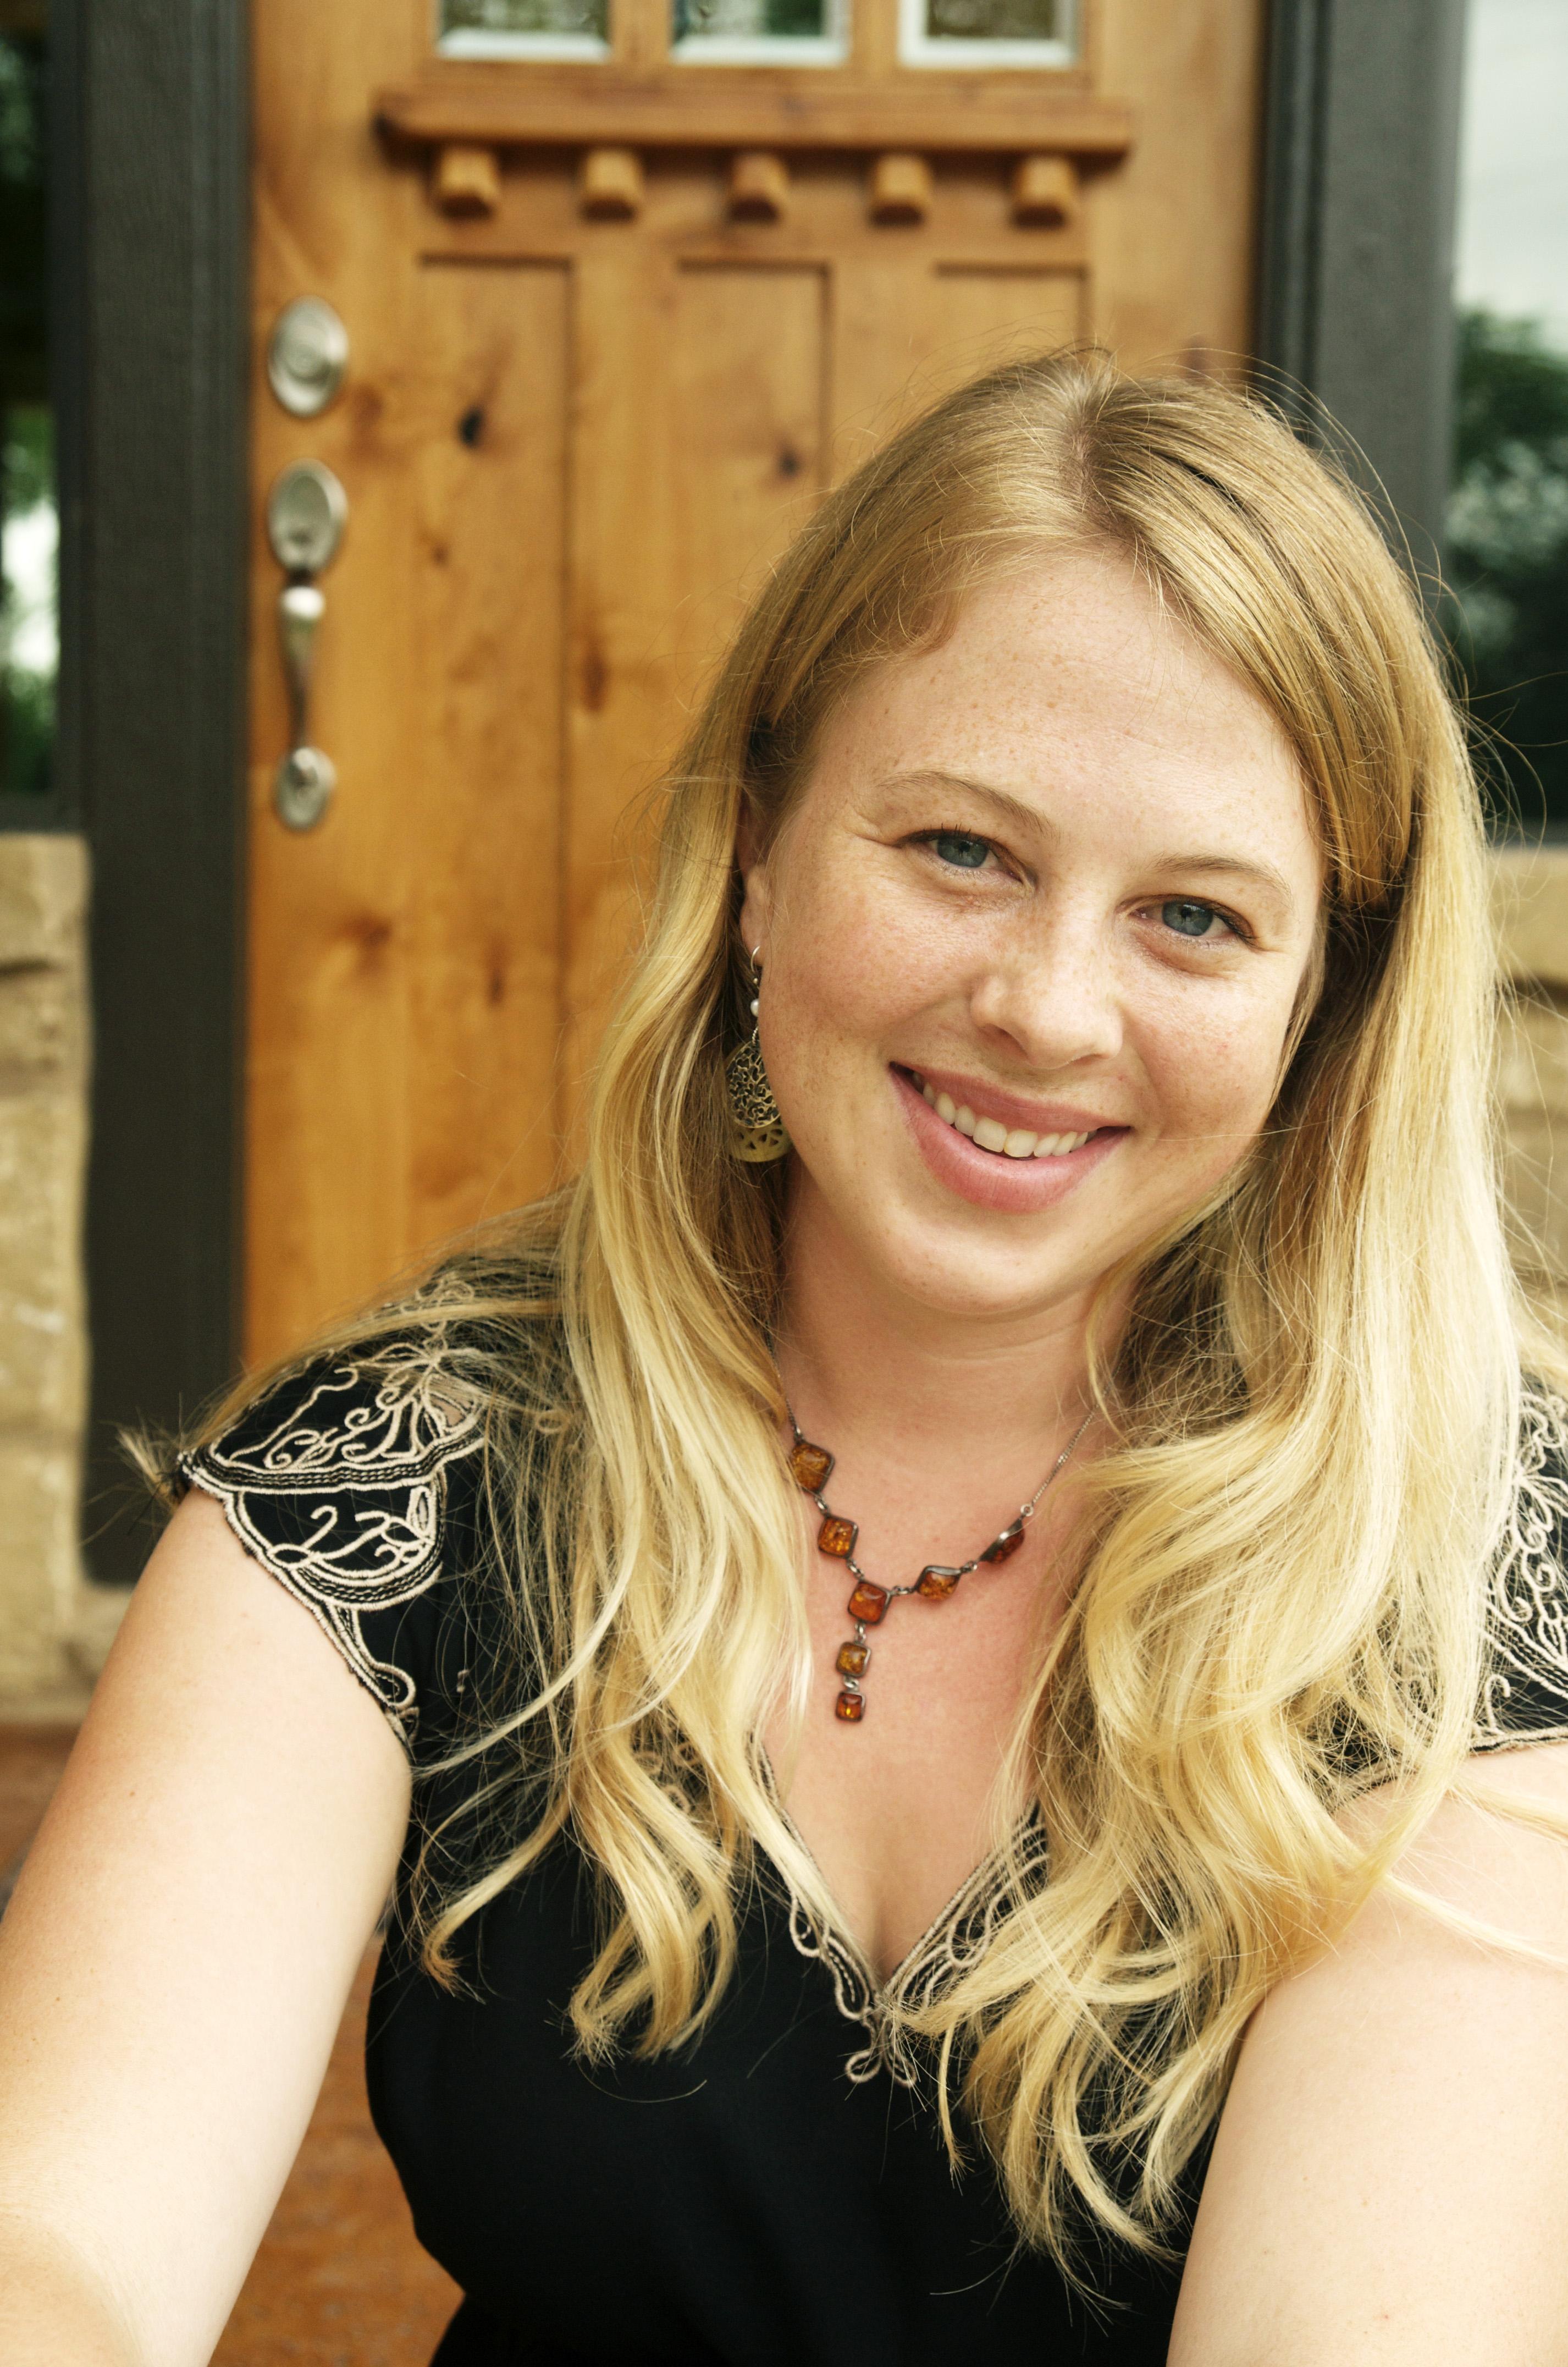 Co-host - Erin MacPherson